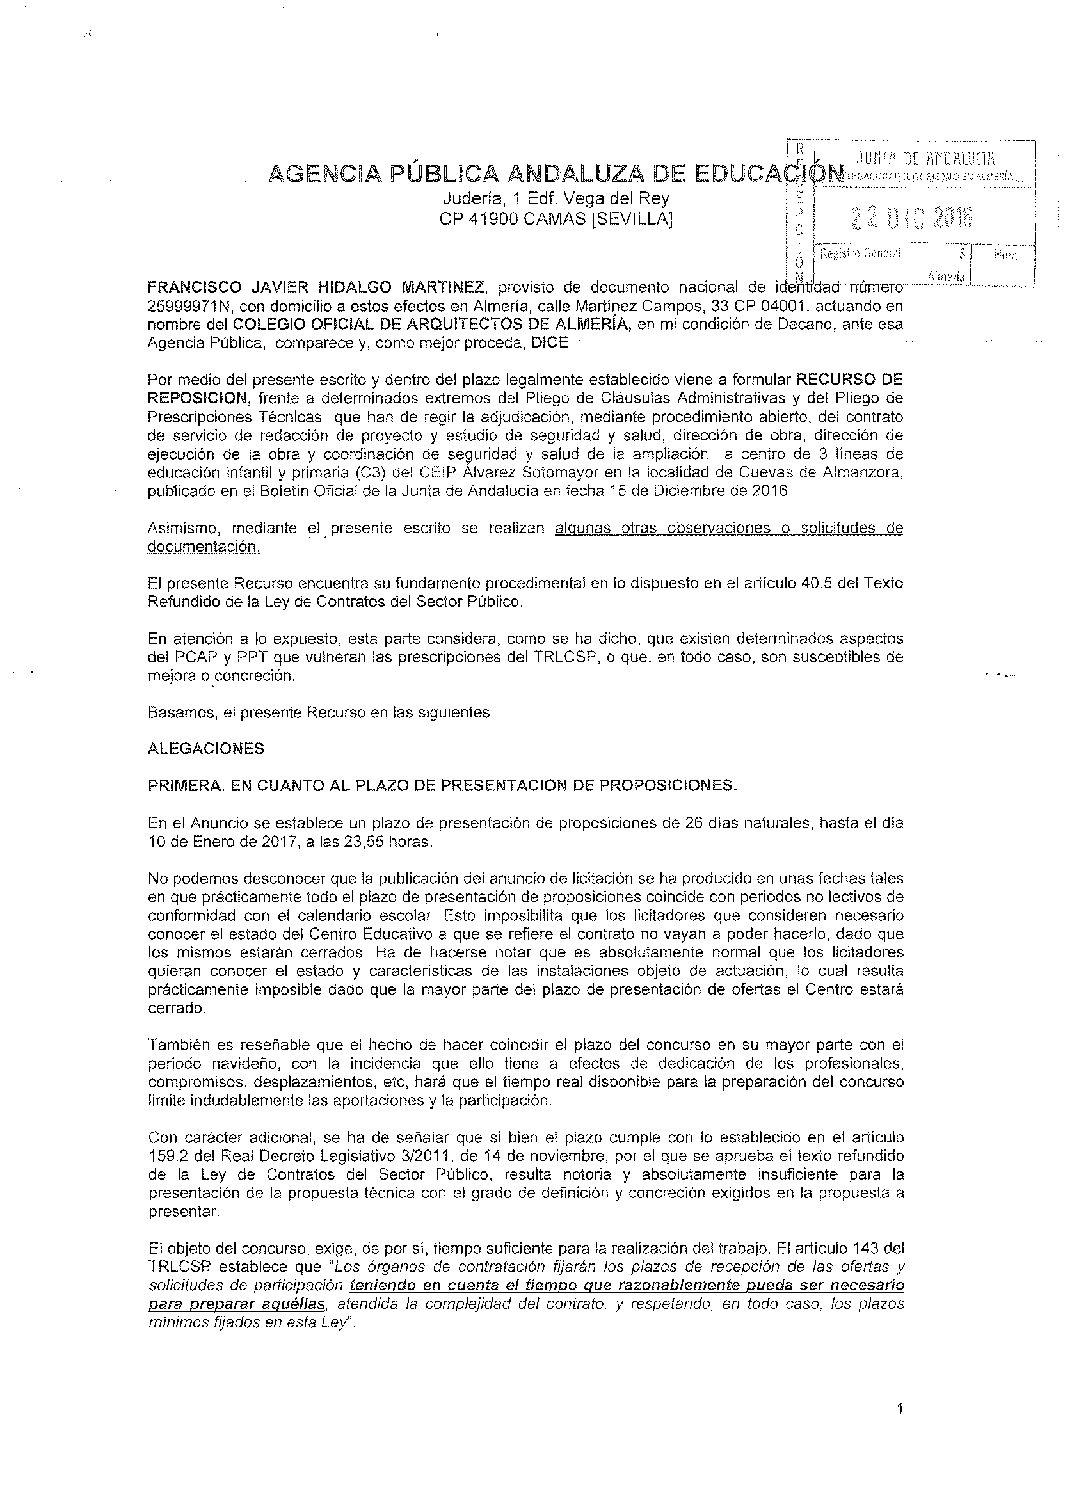 Recurso presentado por el colegio de arquitectos de - Colegio arquitectos almeria ...